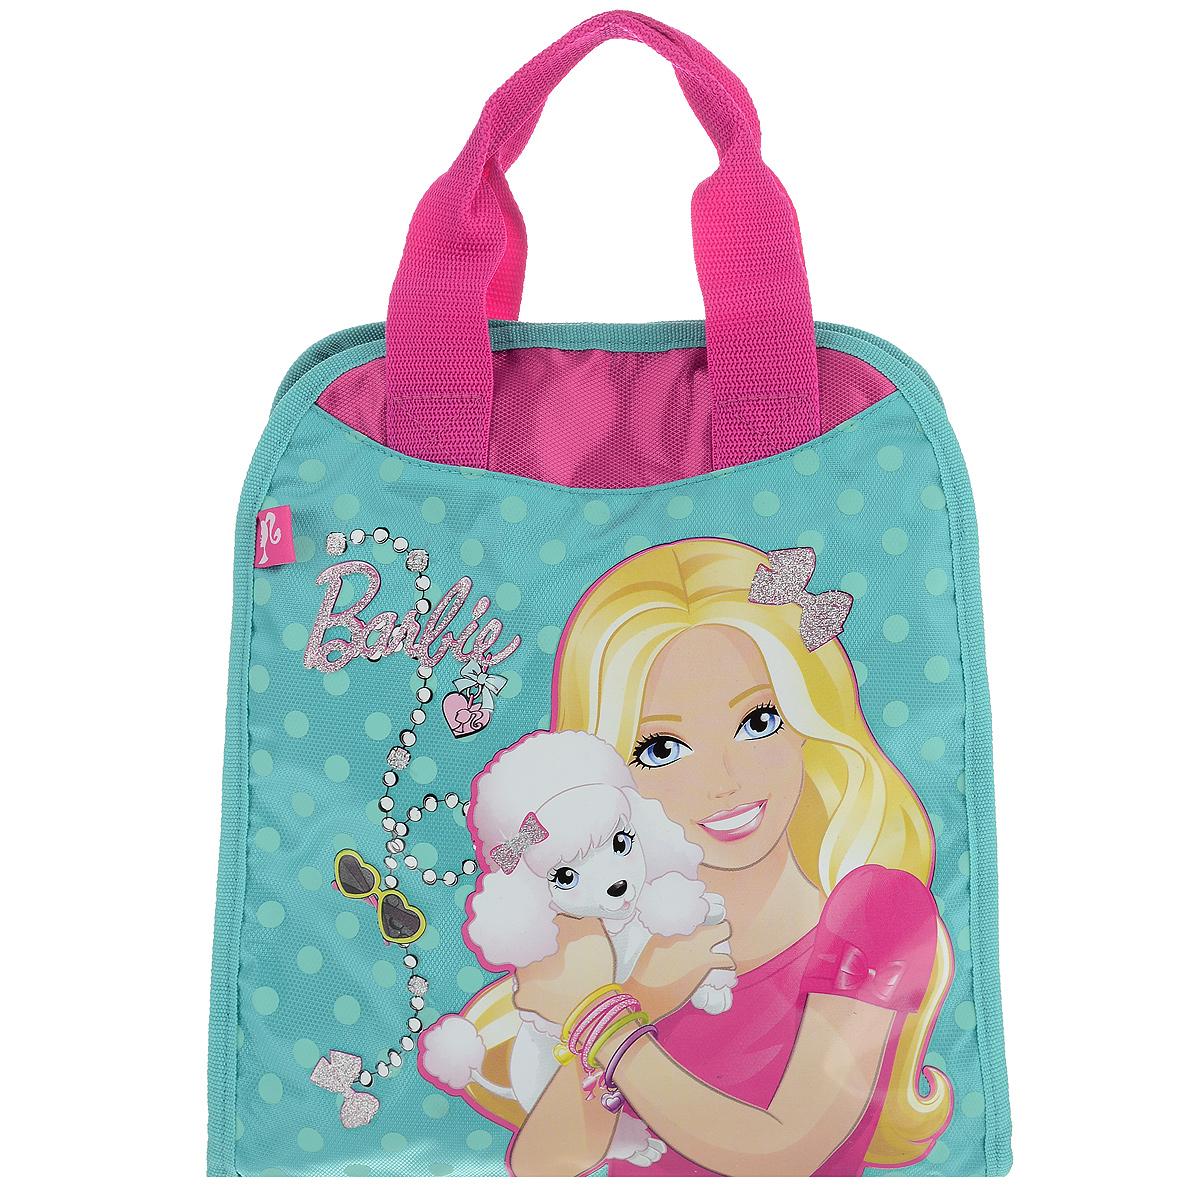 Сумочка детская Barbie, цвет: бирюзовый, розовый. BRAS-UT-1051BRAS-UT-1051Стильная детская сумочка Barbie, оформленная изображением известной игрушки - куклы Барби, несомненно, понравится вашей малышке. Сумочка имеет одно вместительное отделение, закрывающееся на застежку-липучку, куда можно положить все необходимые принадлежности и аксессуары. Внутри отделения имеется накладной карман на молнии. Сумочка оснащена двумя ручками для переноски в руке. Окантовка сумки выполнена из плотной текстильной каймы. Каждая юная поклонница популярной серии игрушек, будет рада такому аксессуару.